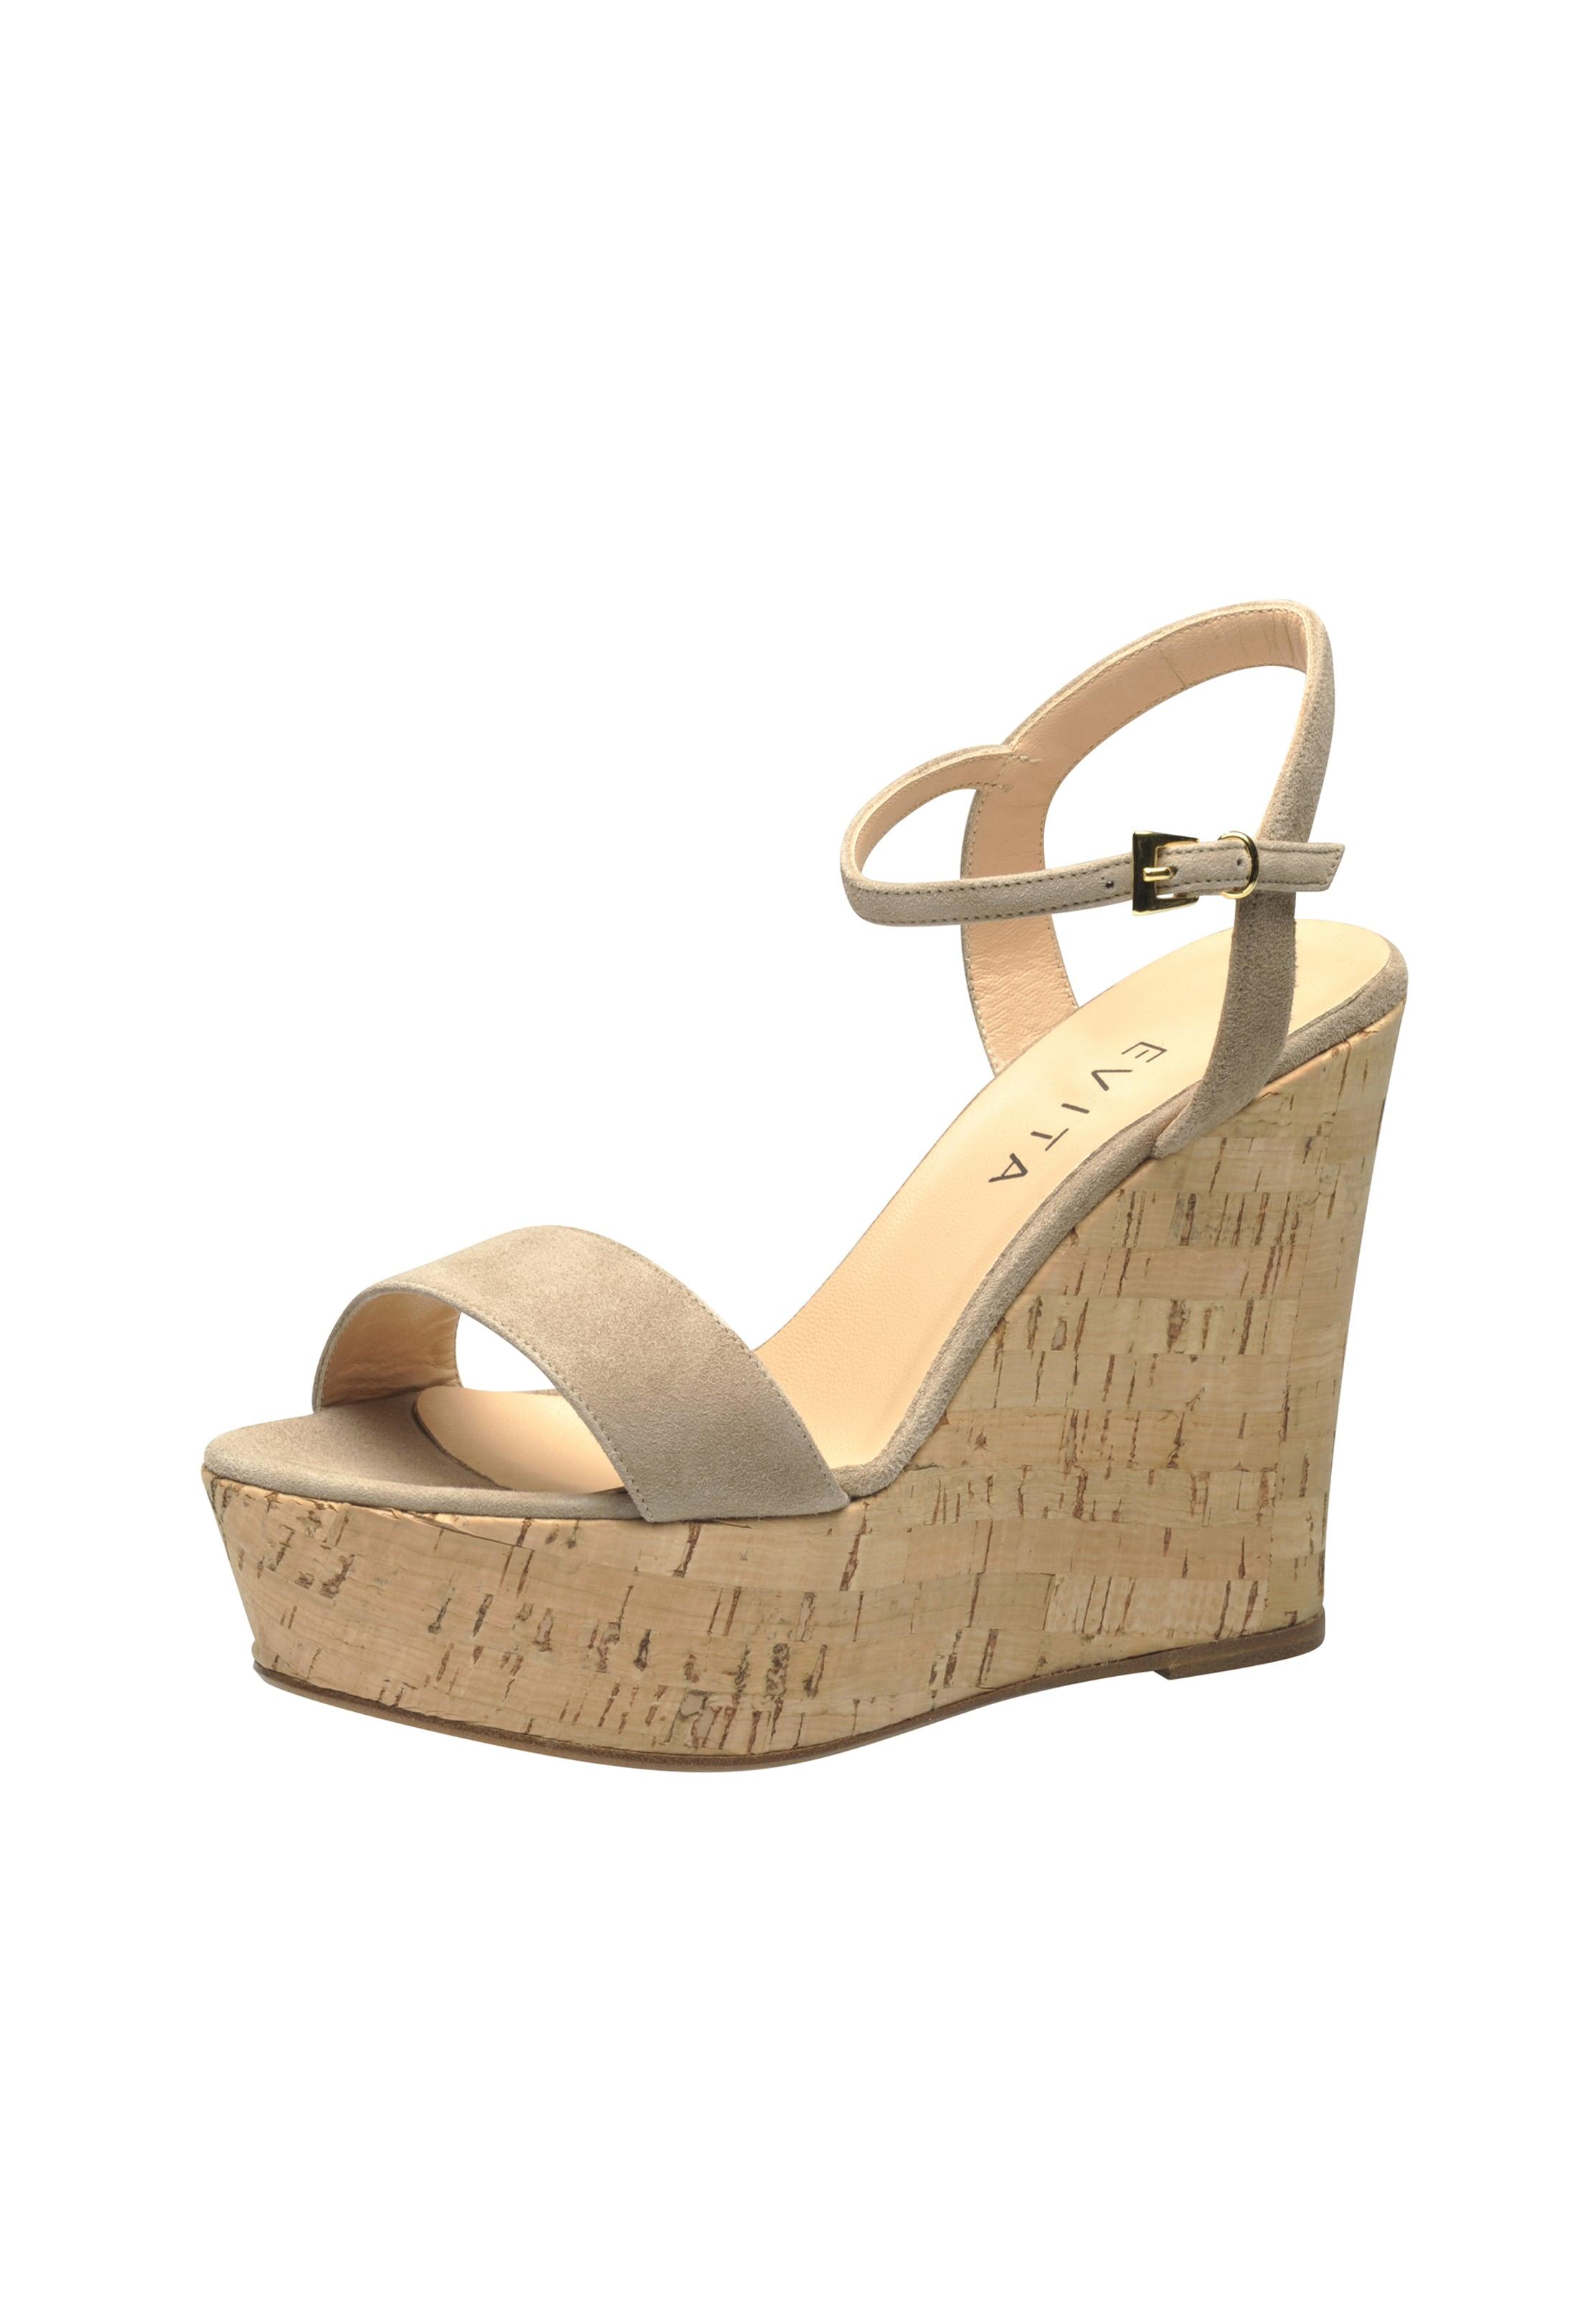 EVITA Keilsandalette Günstige und langlebige Schuhe